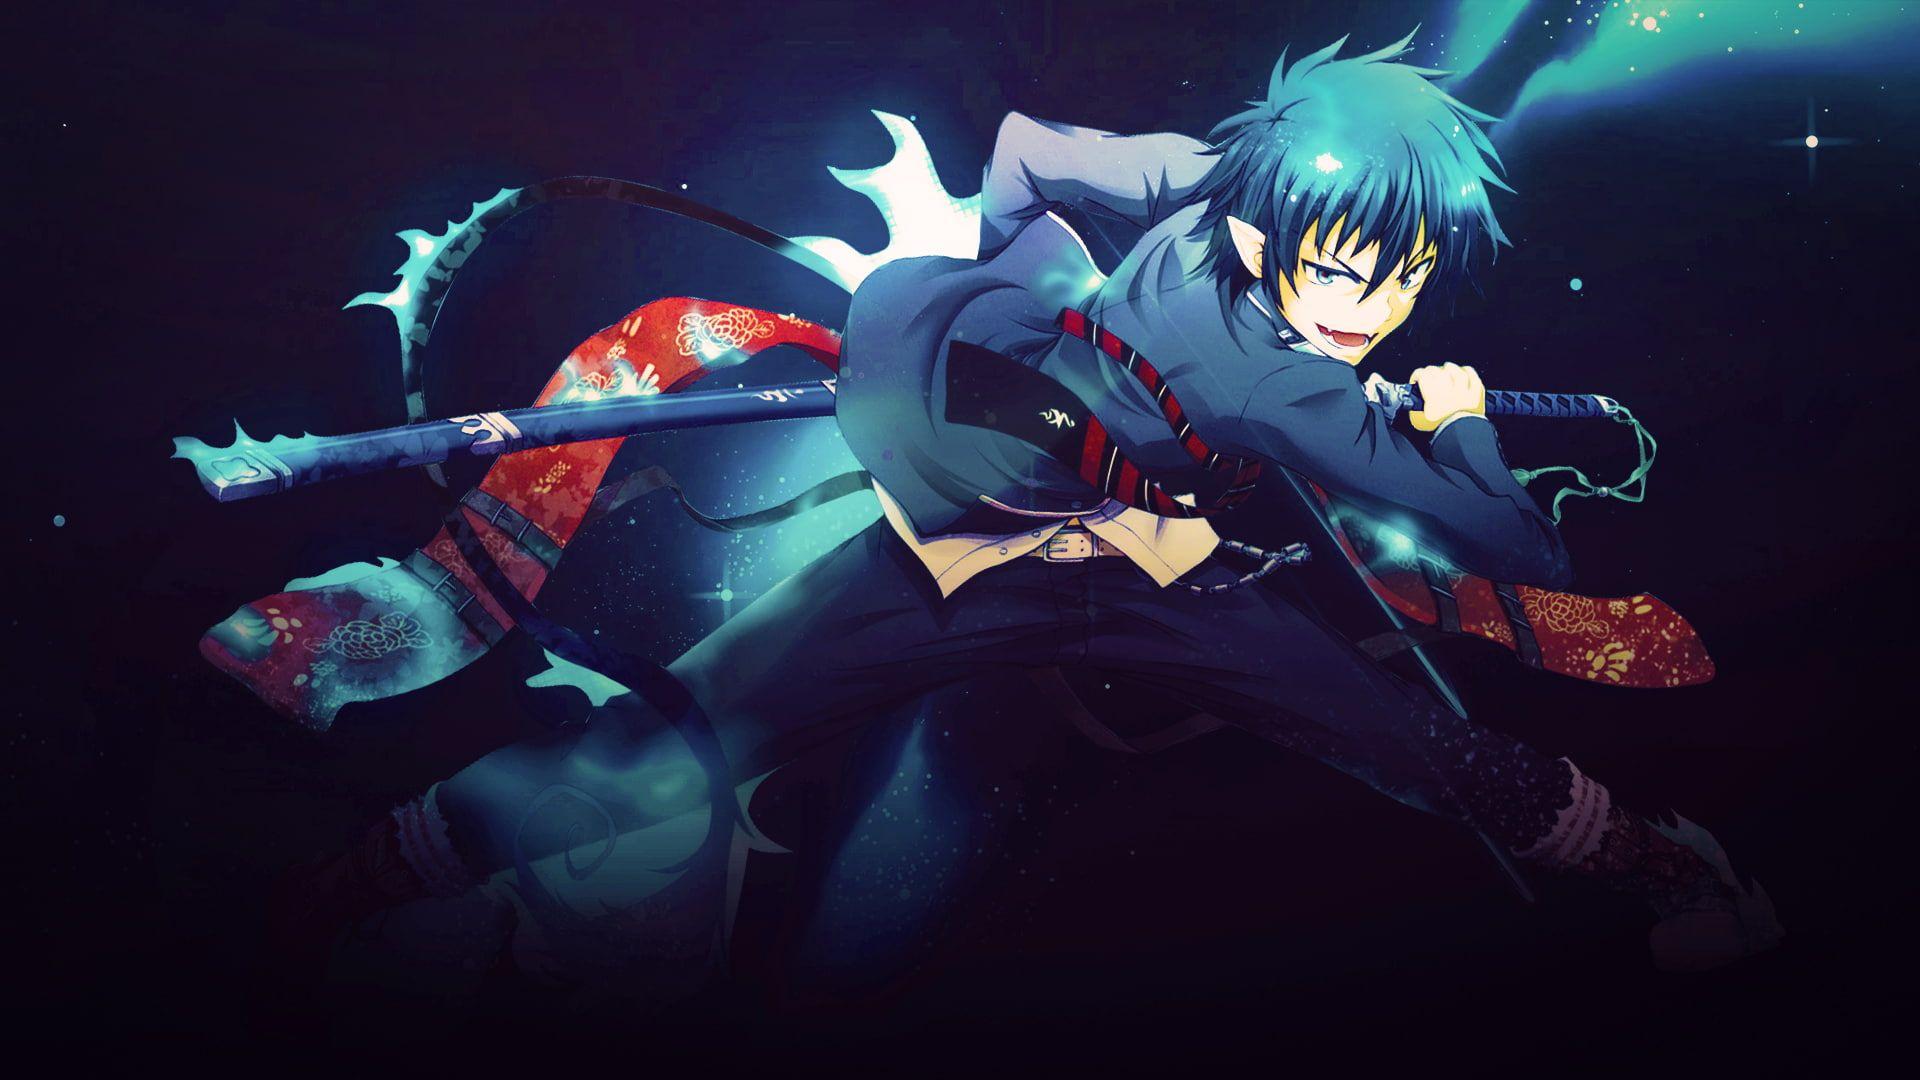 Anime Blue Exorcist Rin Okumura 1080p Wallpaper Hdwallpaper Desktop In 2021 Blue Exorcist Anime Wallper Anime